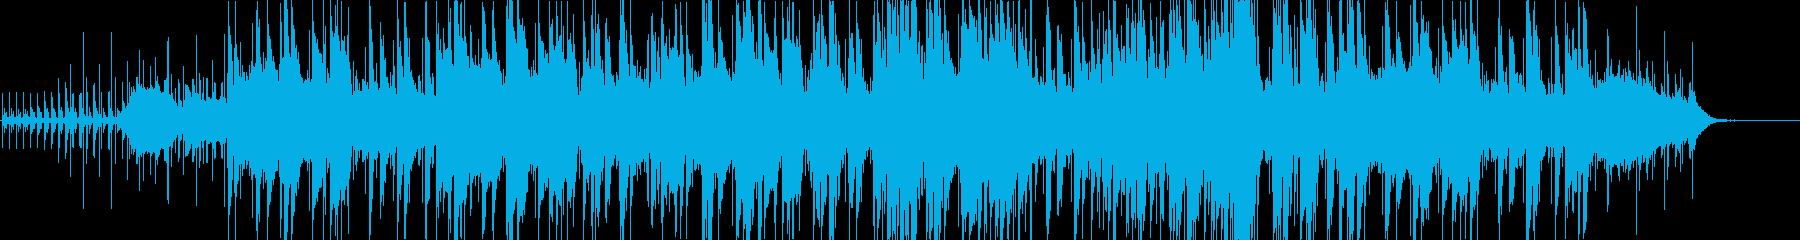 あやしい大人の雰囲気と緊張感のあるジャズの再生済みの波形